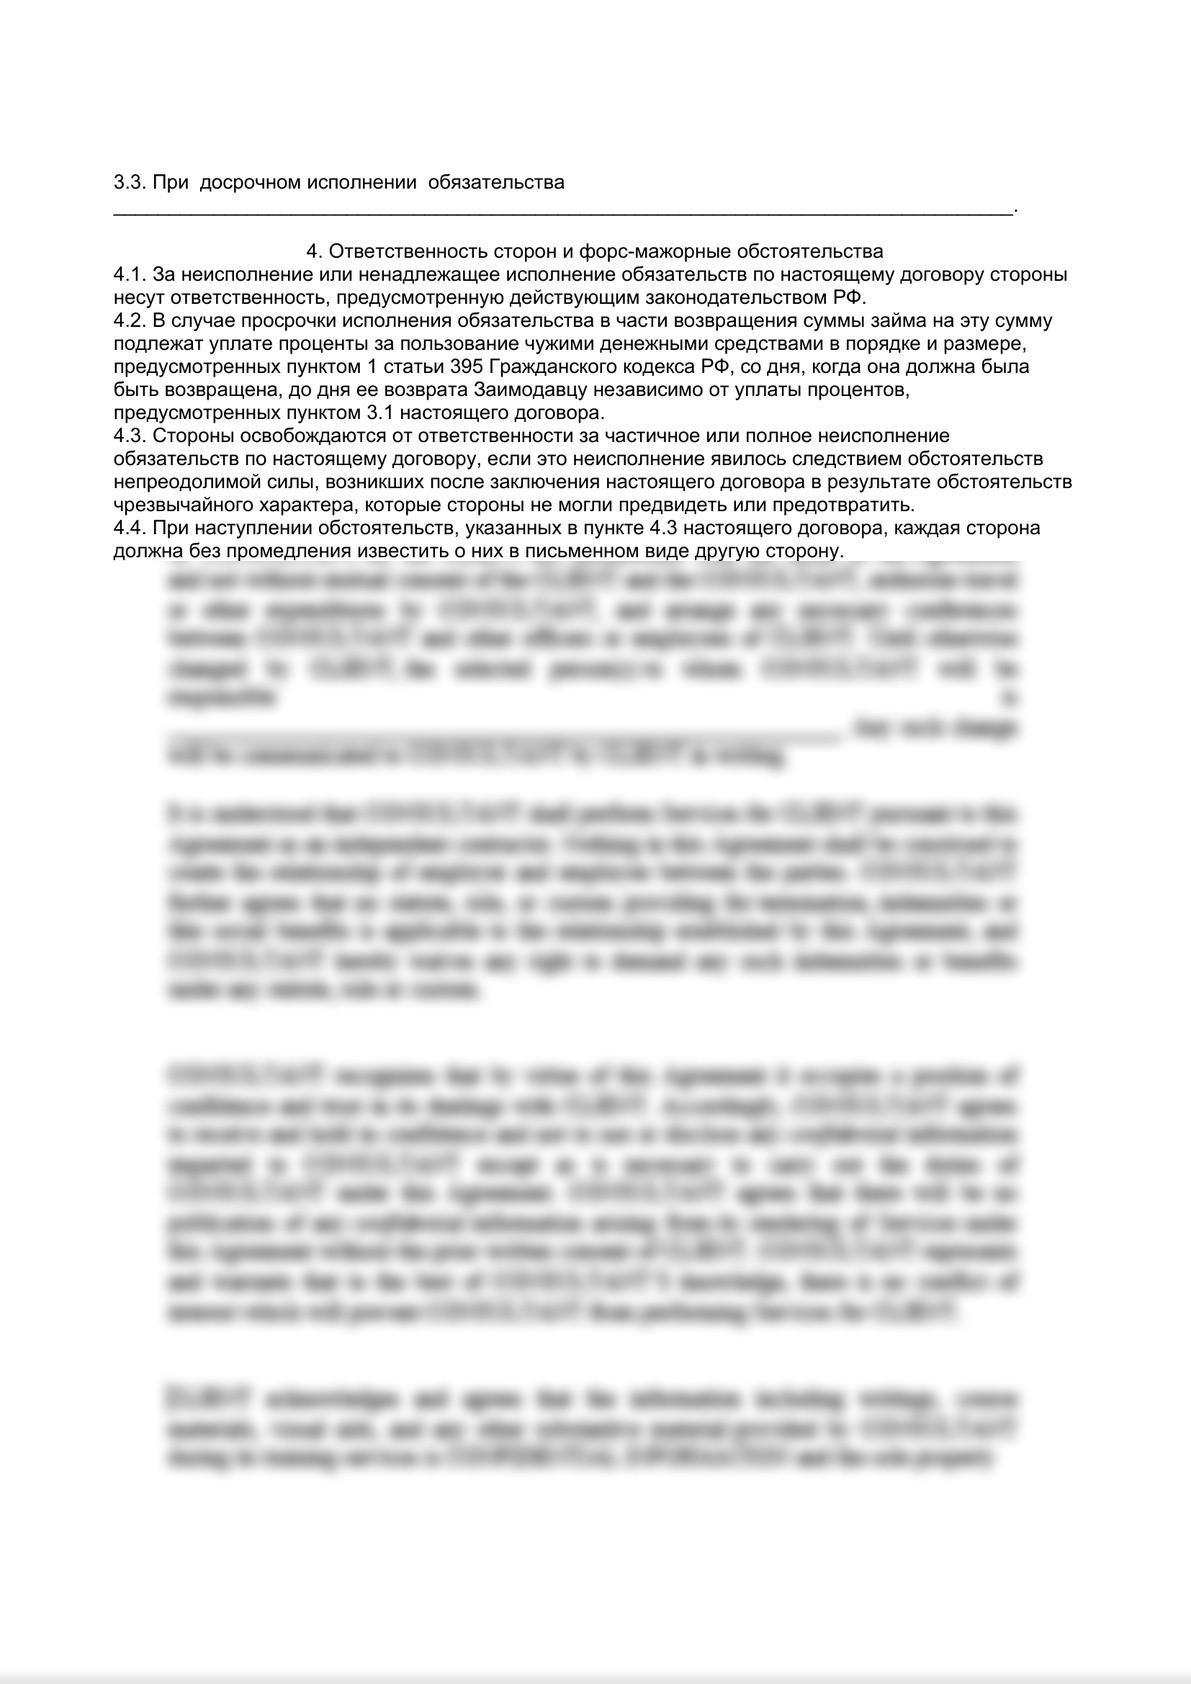 Договор возмездного займа (между физическими лицами)-1